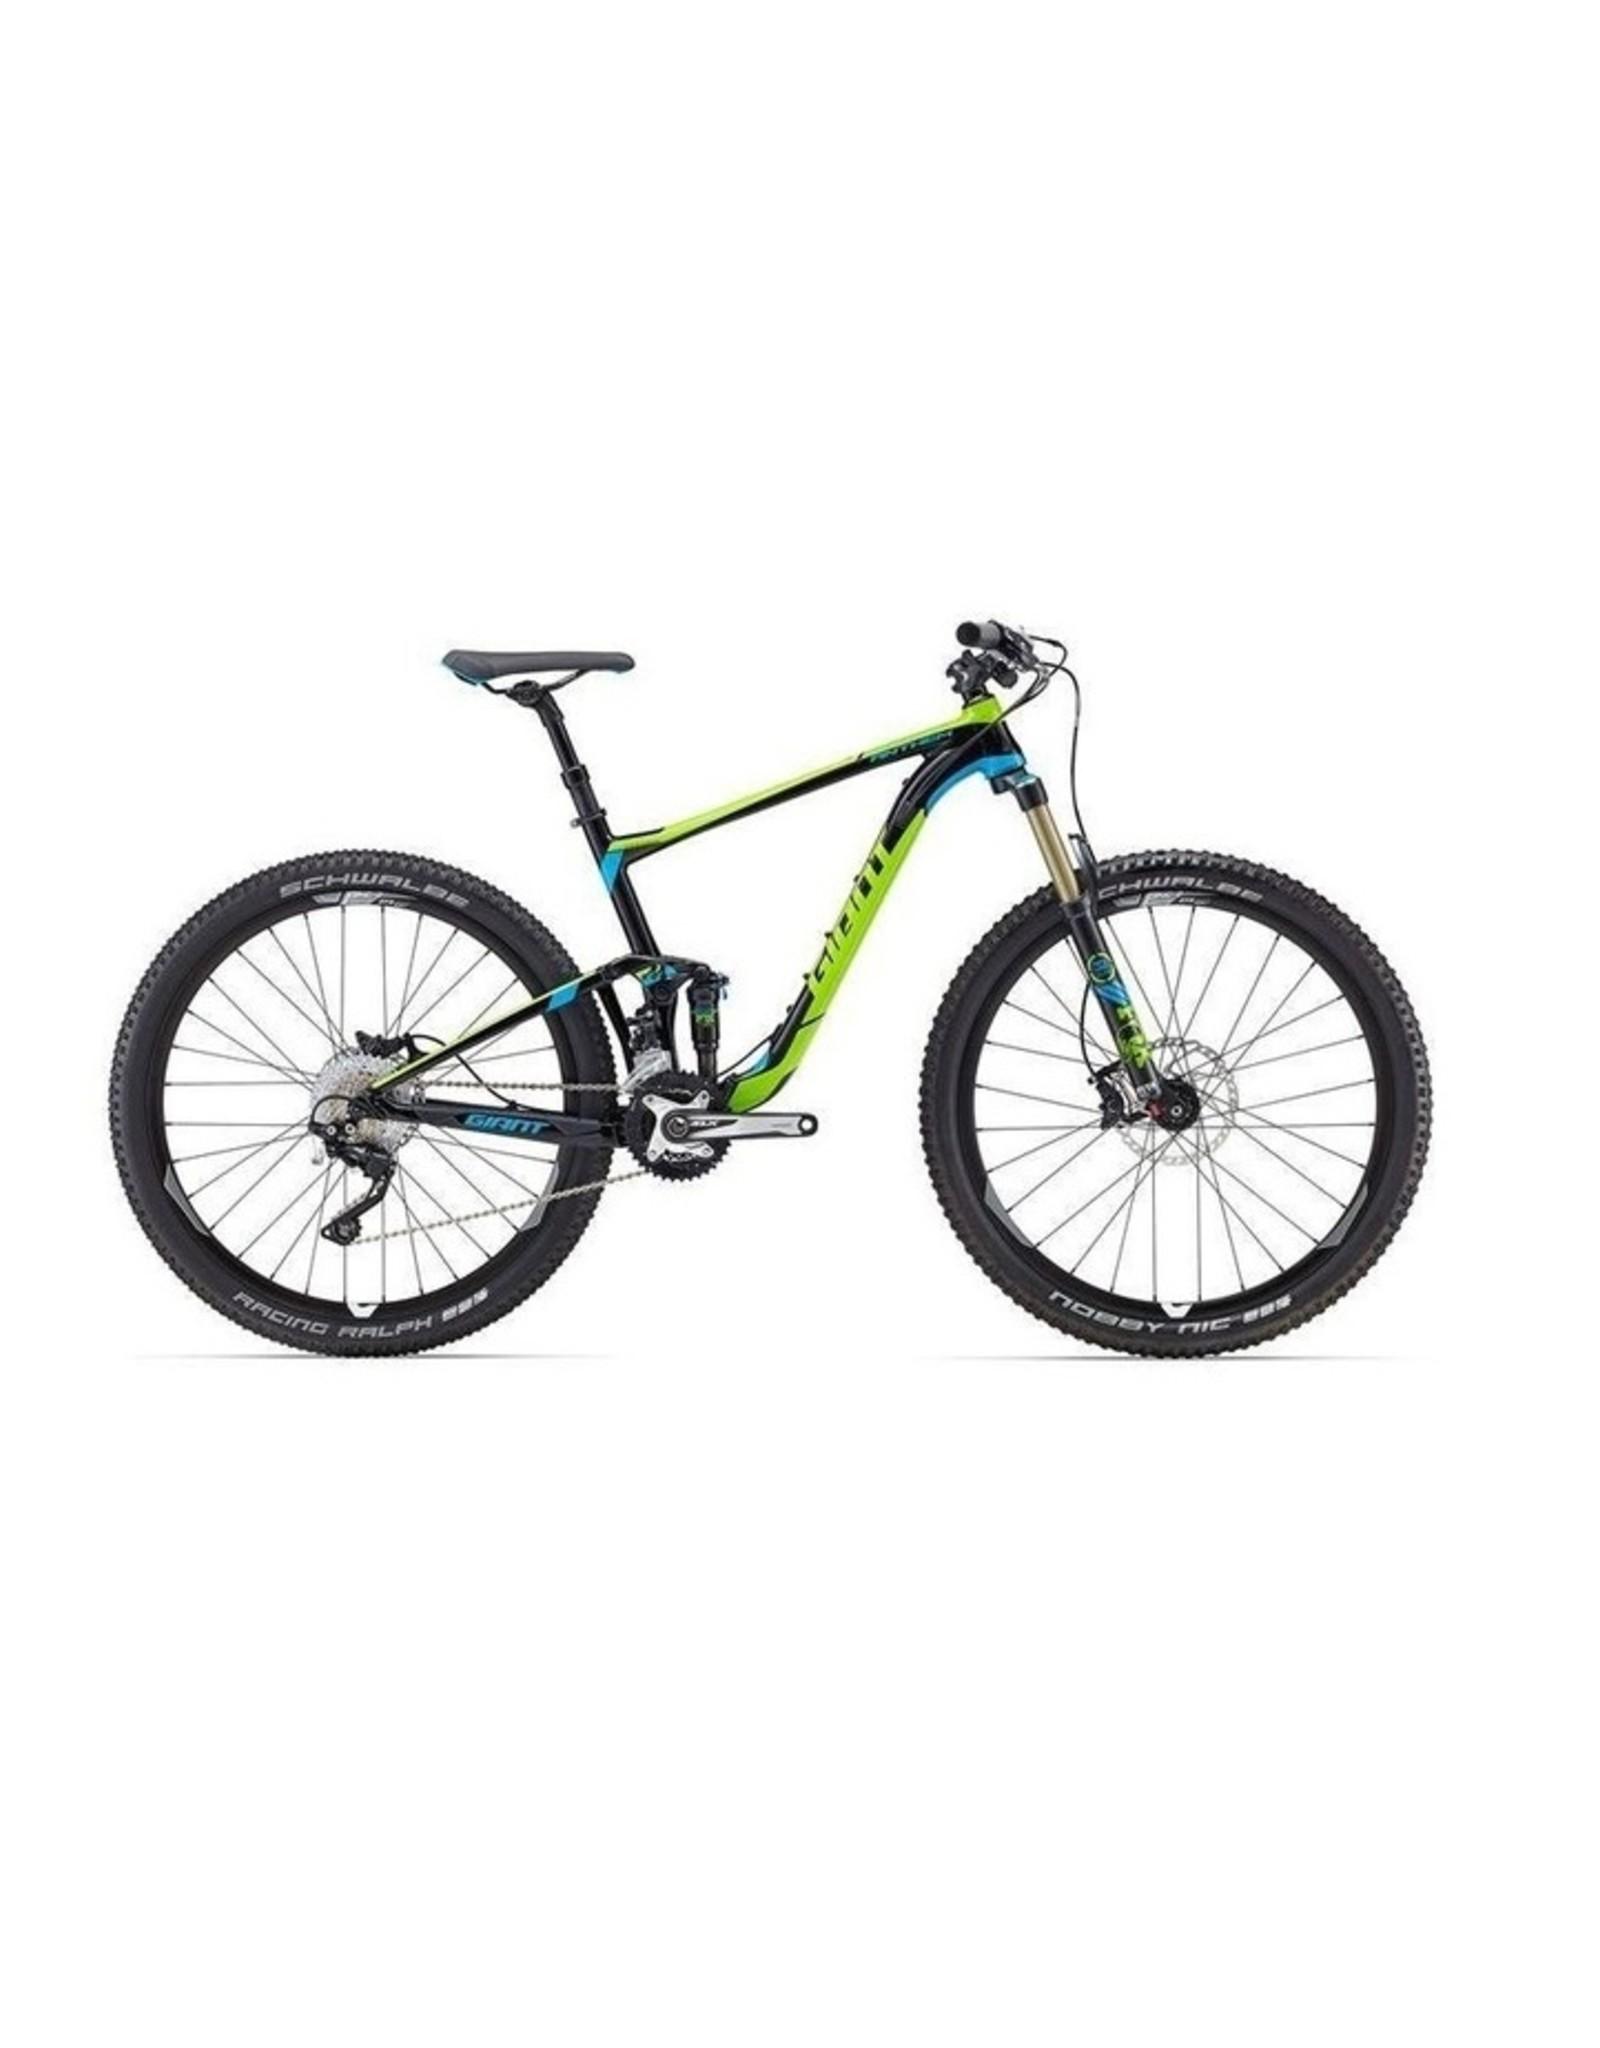 Giant Anthem SX 27.5 2016 Metallic Black/Green M Bicycle